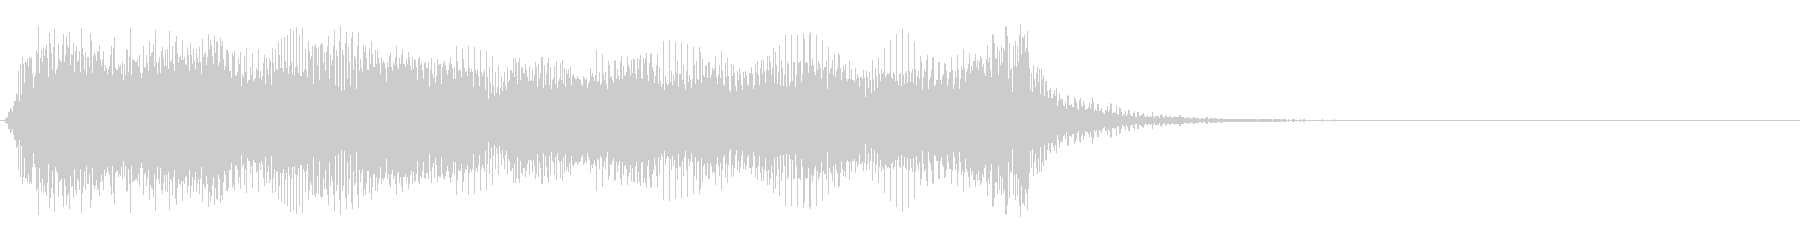 ドラマティックオーケストラプレゼン...の未再生の波形